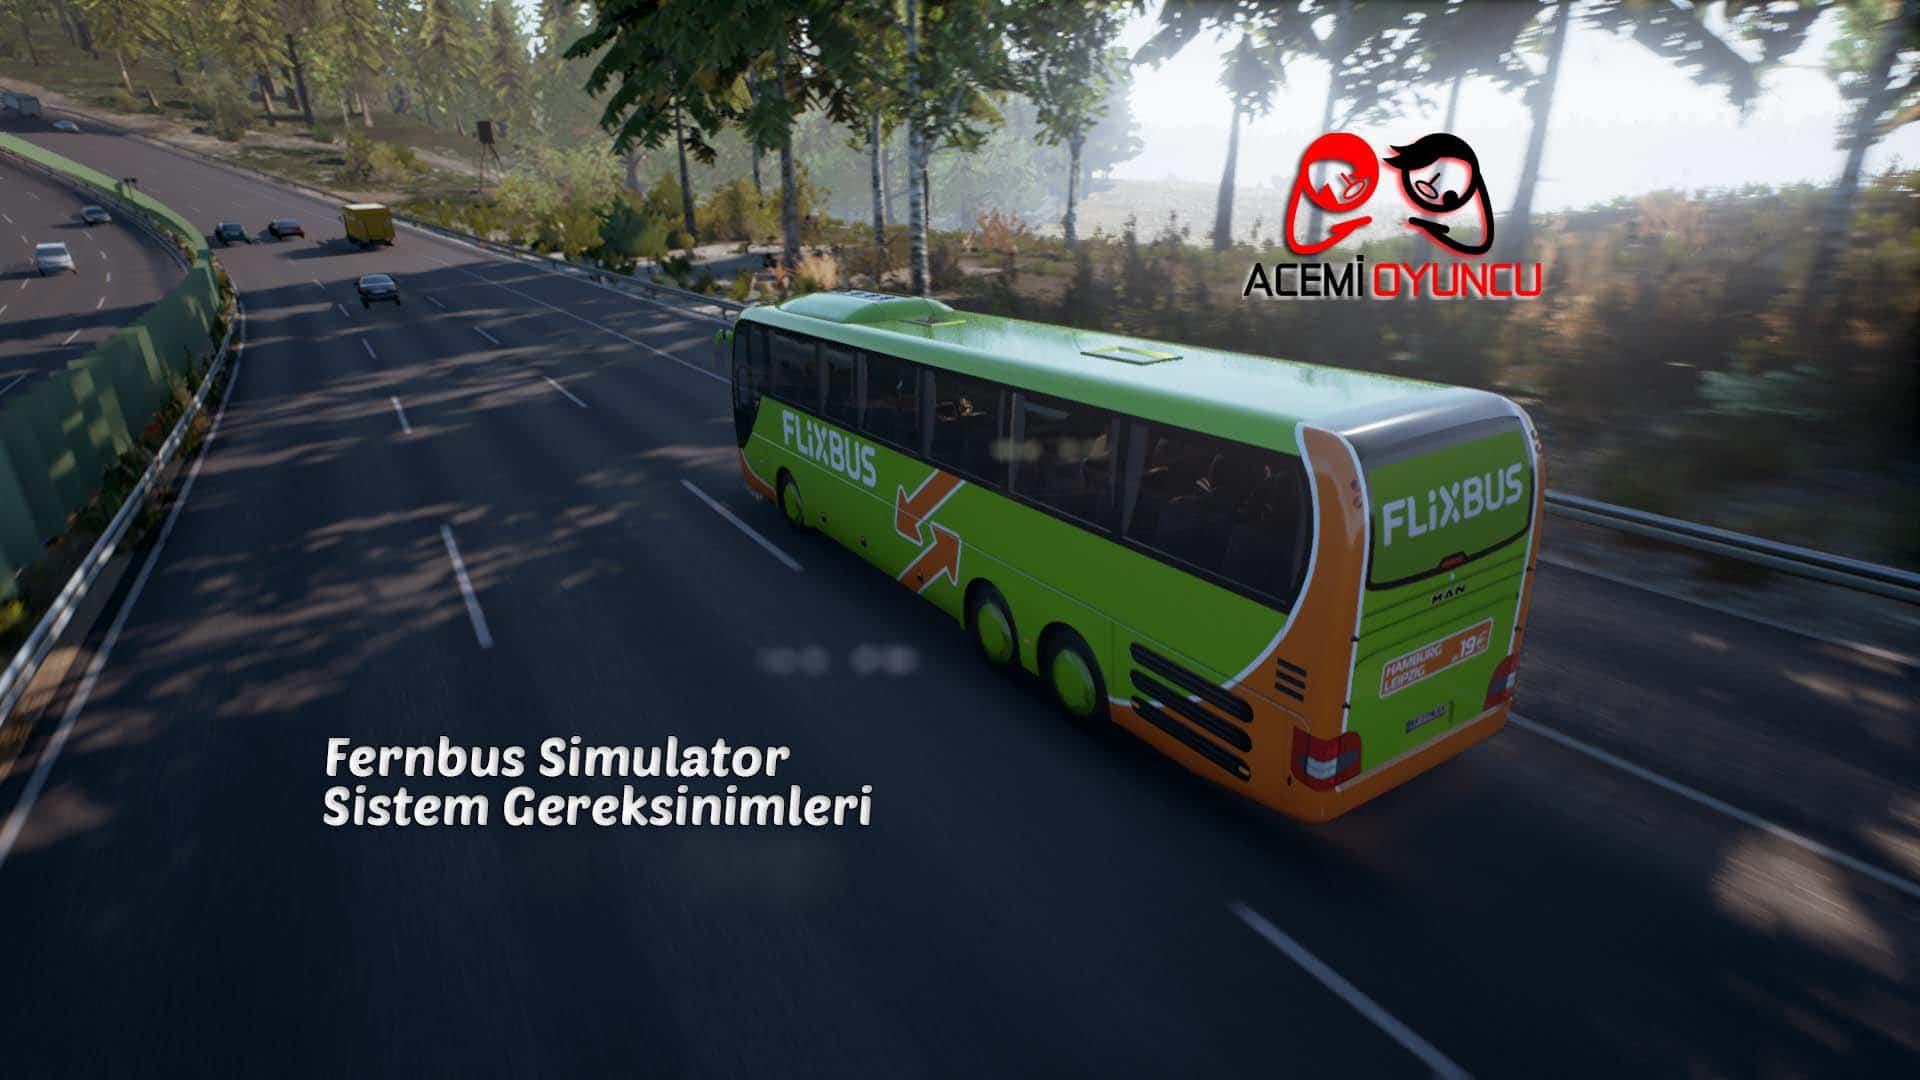 Fernbus Simulator Sistem Gereksinimleri – Fernbus Simulator Kaç GB ?